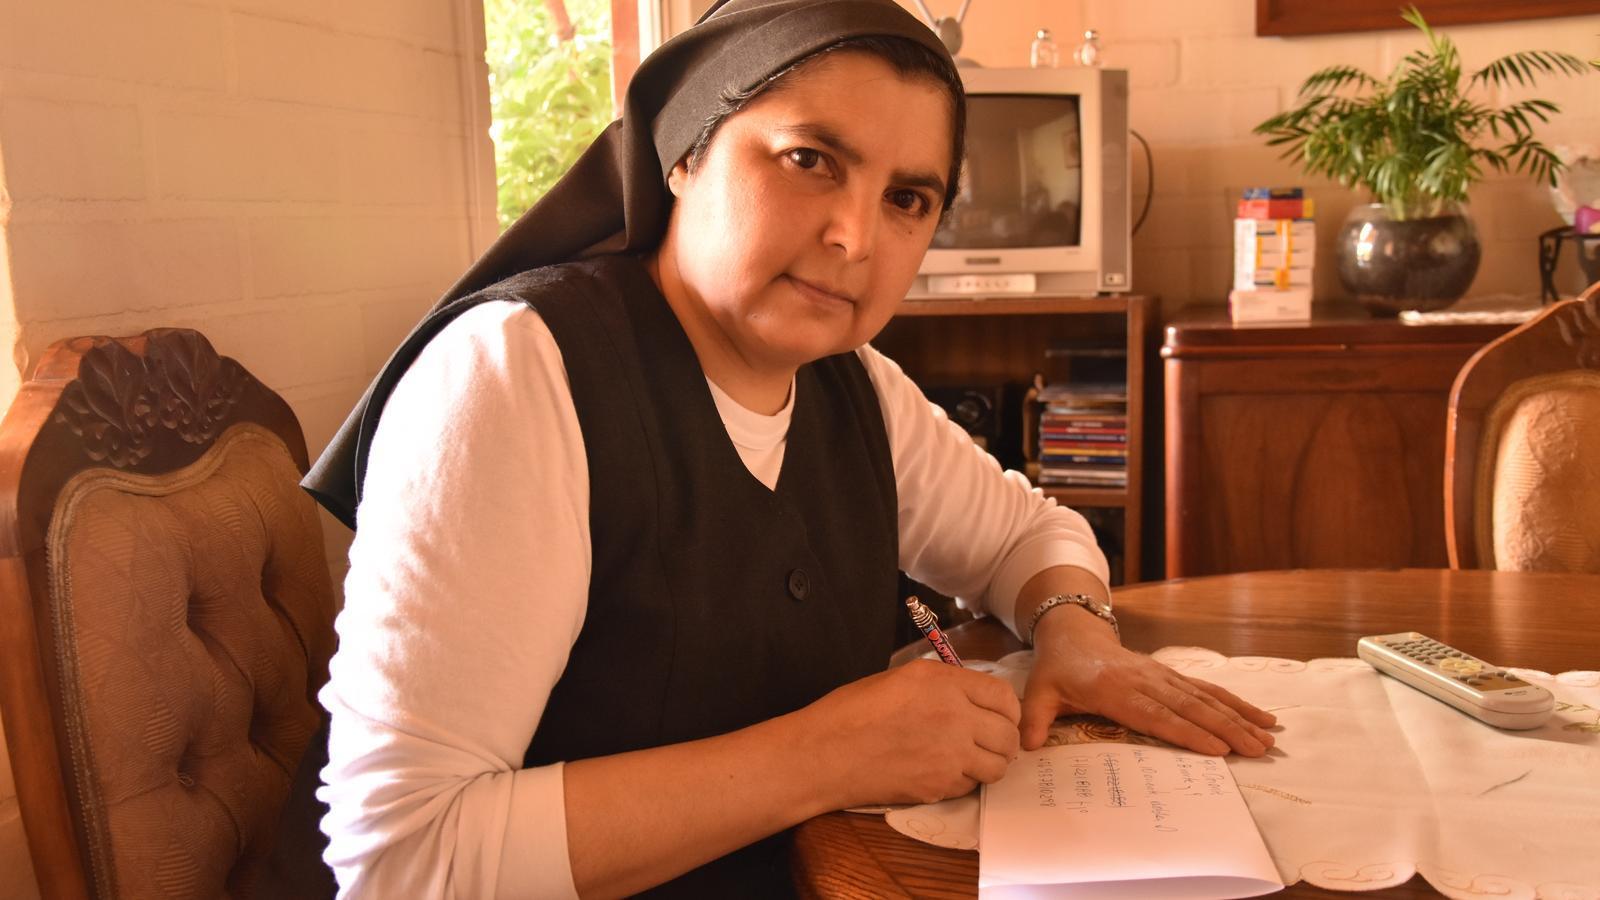 La hermana Yolanda la semana pasada en Talca. / M. B.